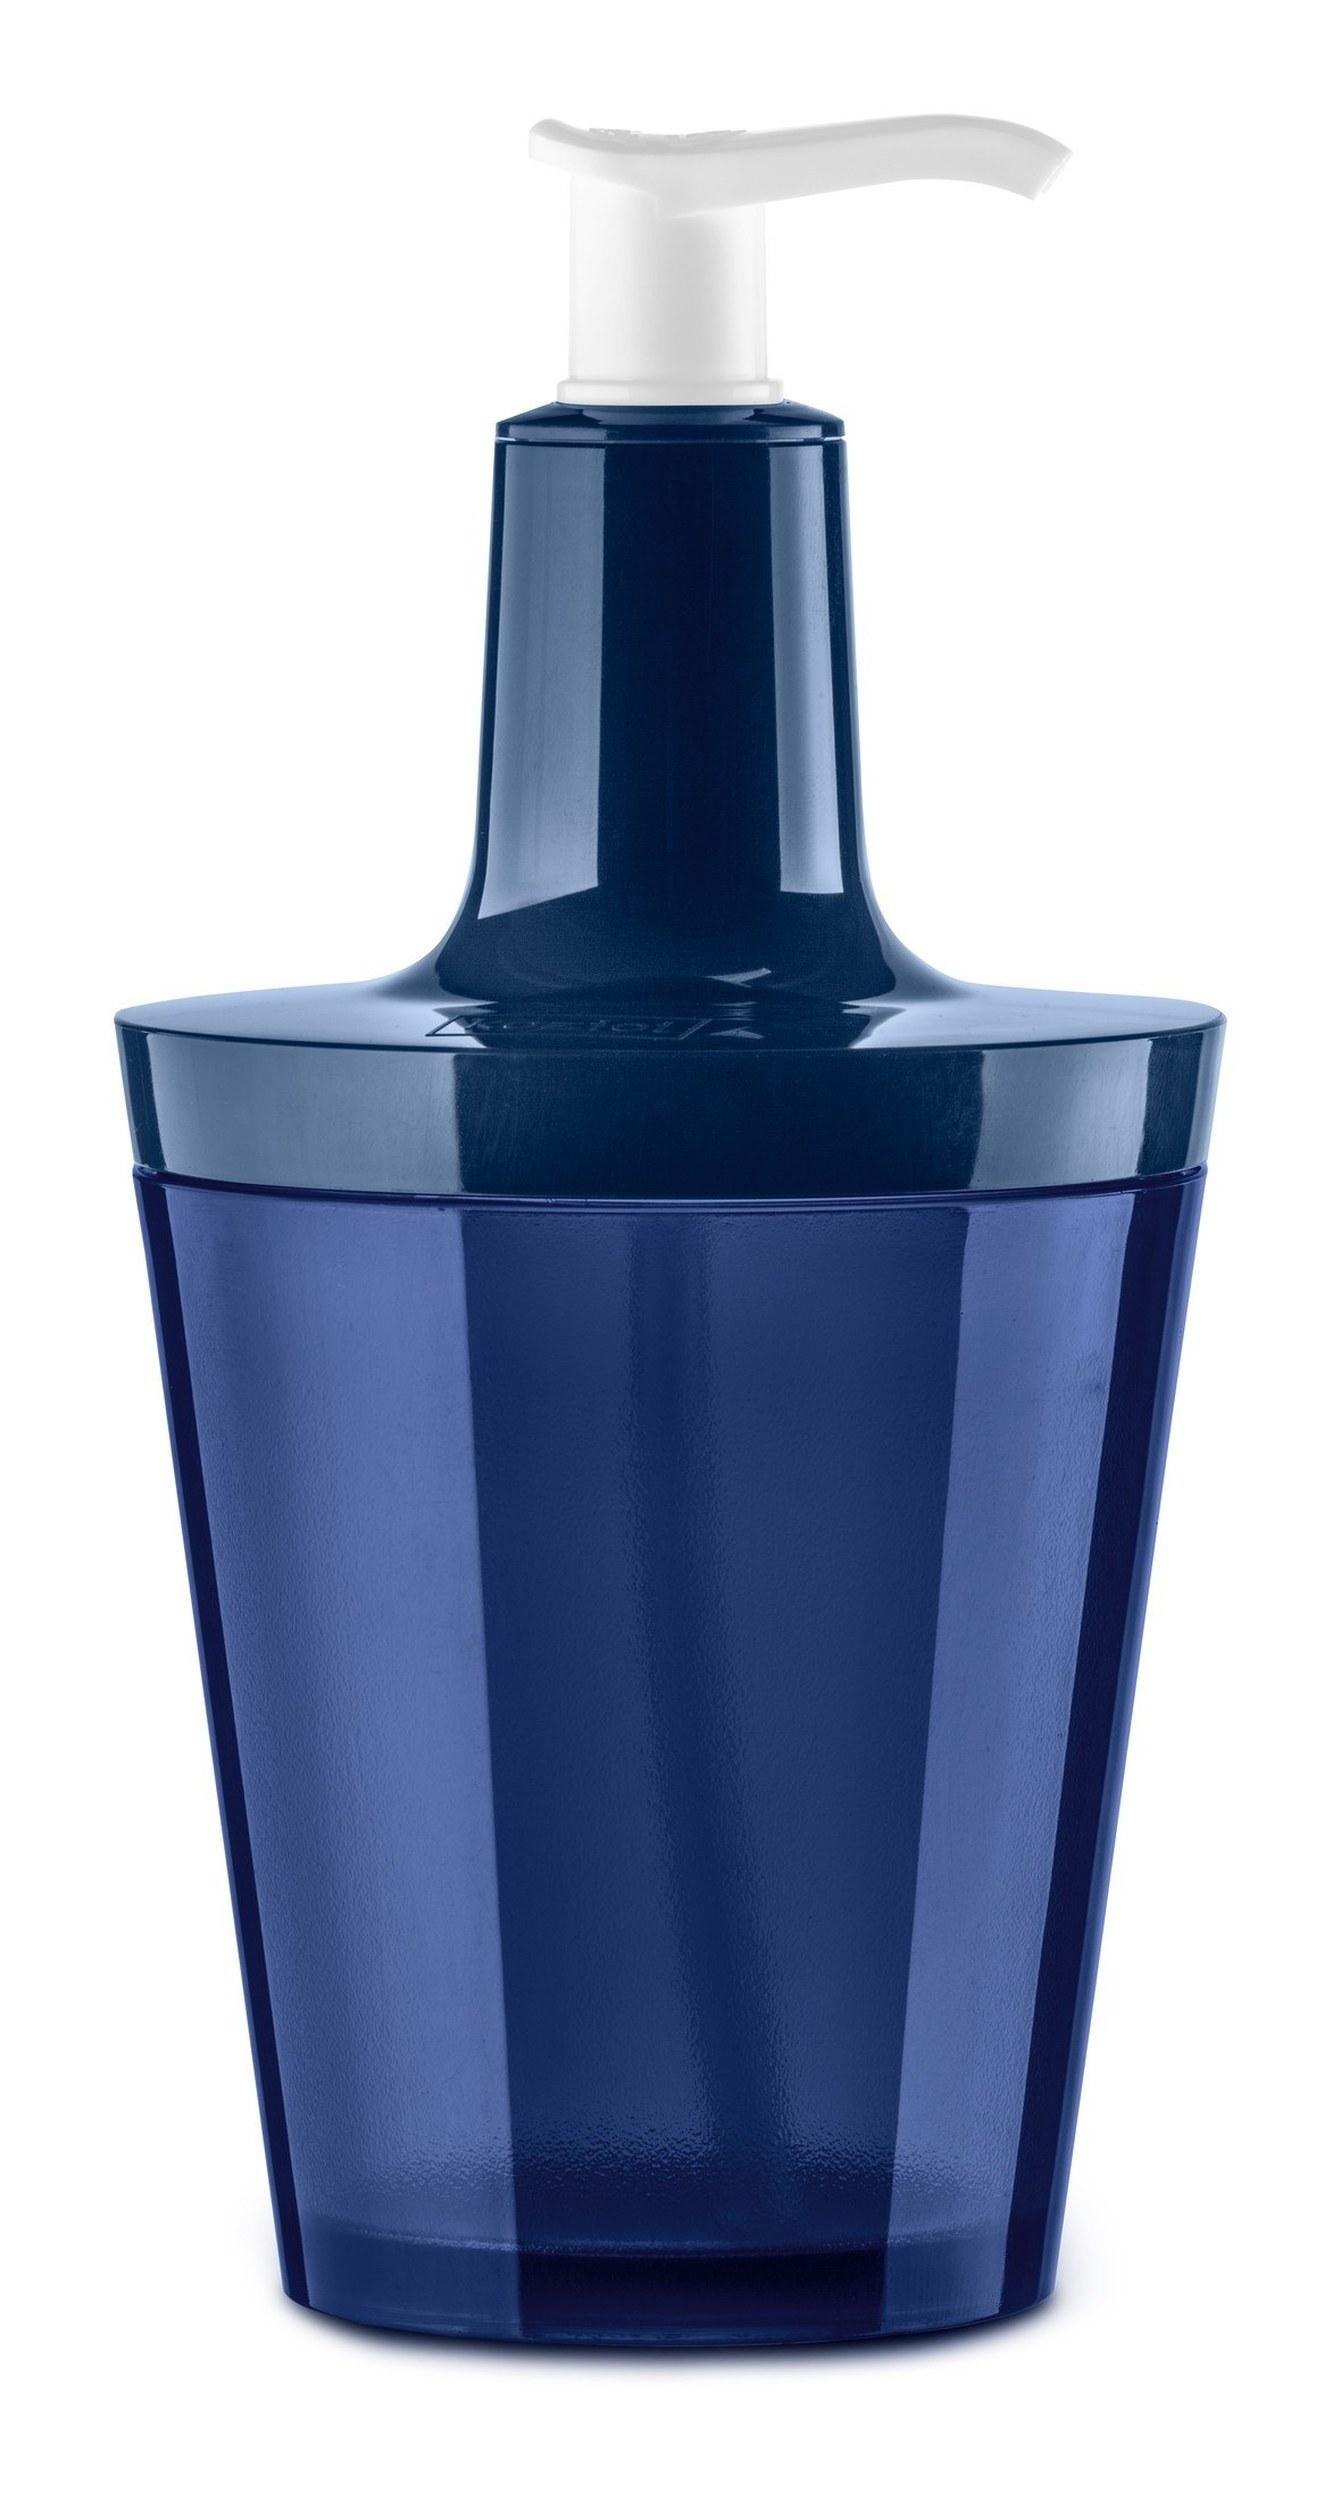 Dozownik do mydła Flow velvet blue